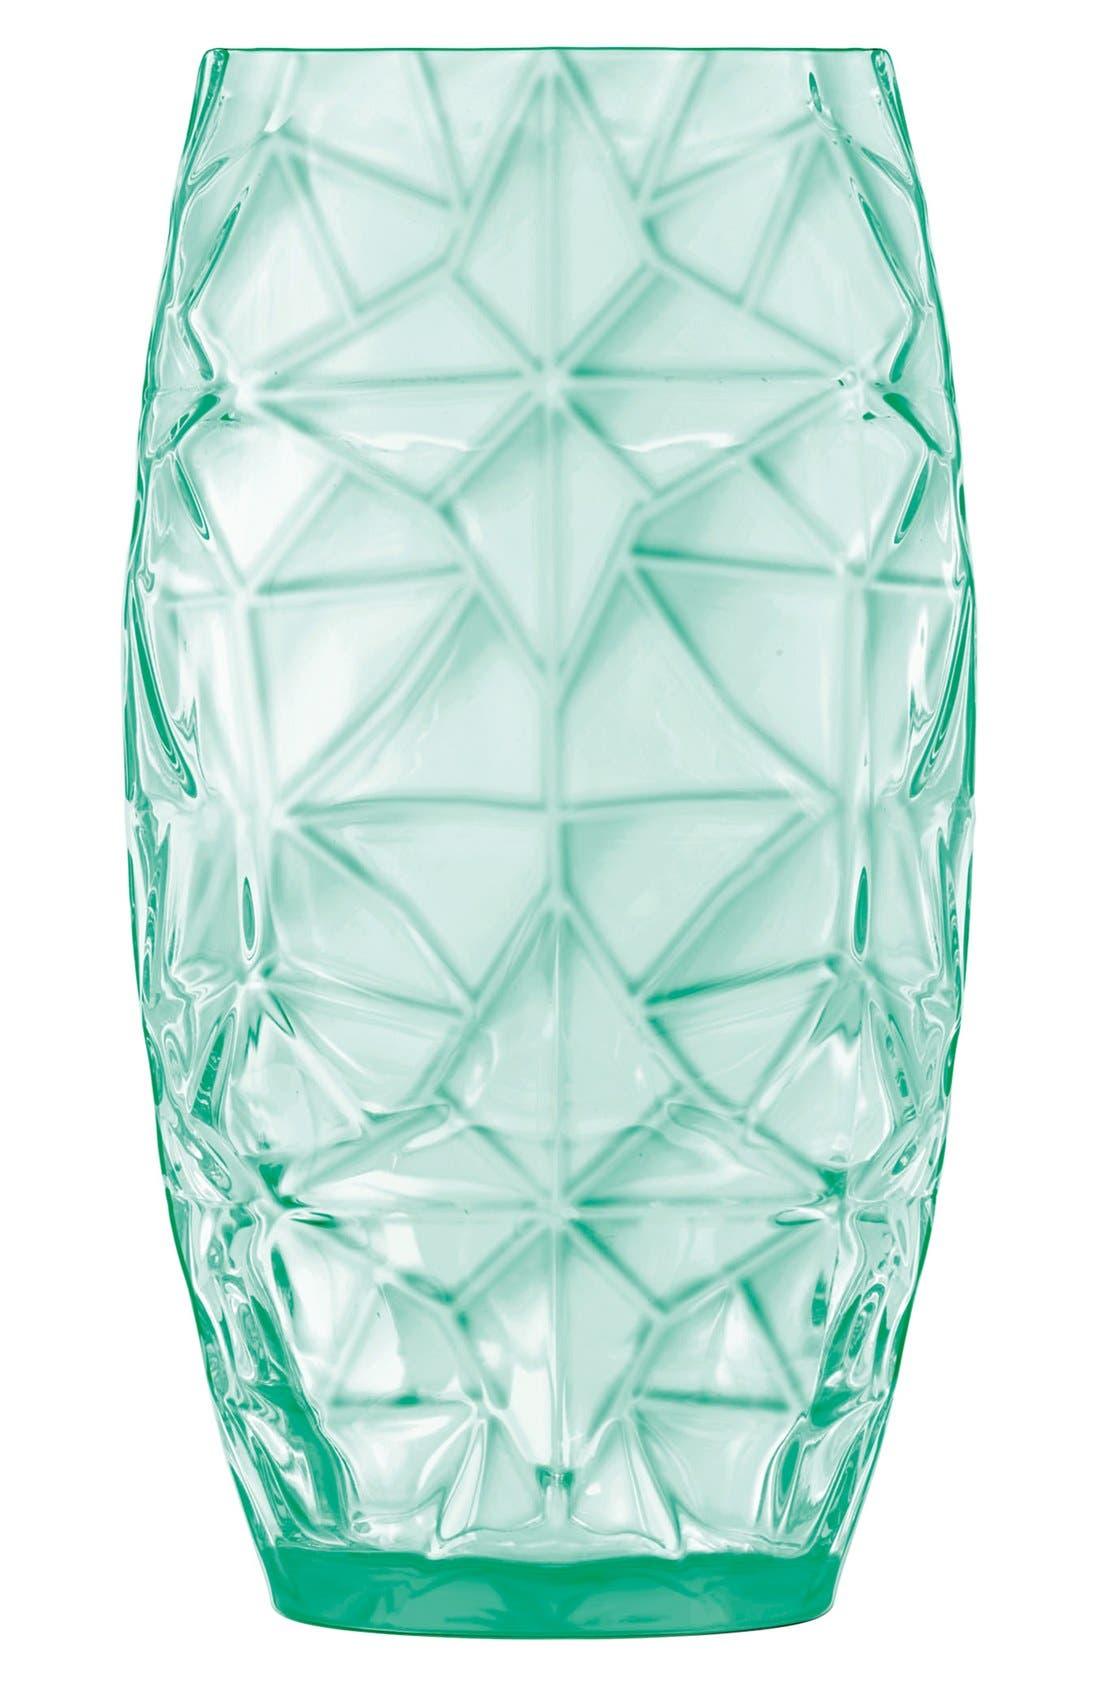 'Prezioso' Beverage Glasses,                         Main,                         color, 300